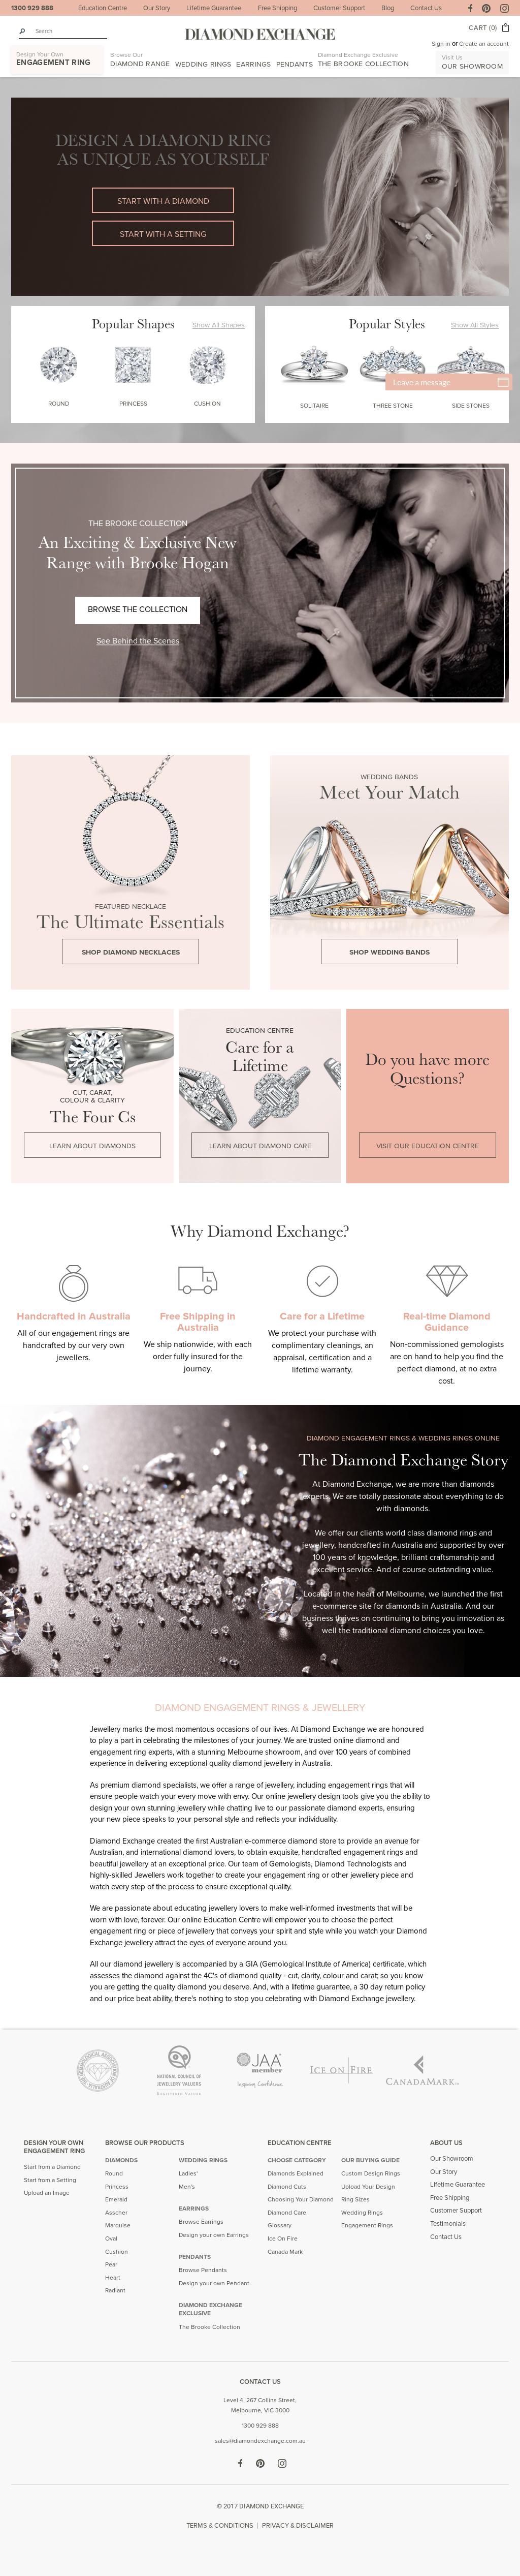 Diamondexchange Competitors, Revenue and Employees - Owler Company Profile